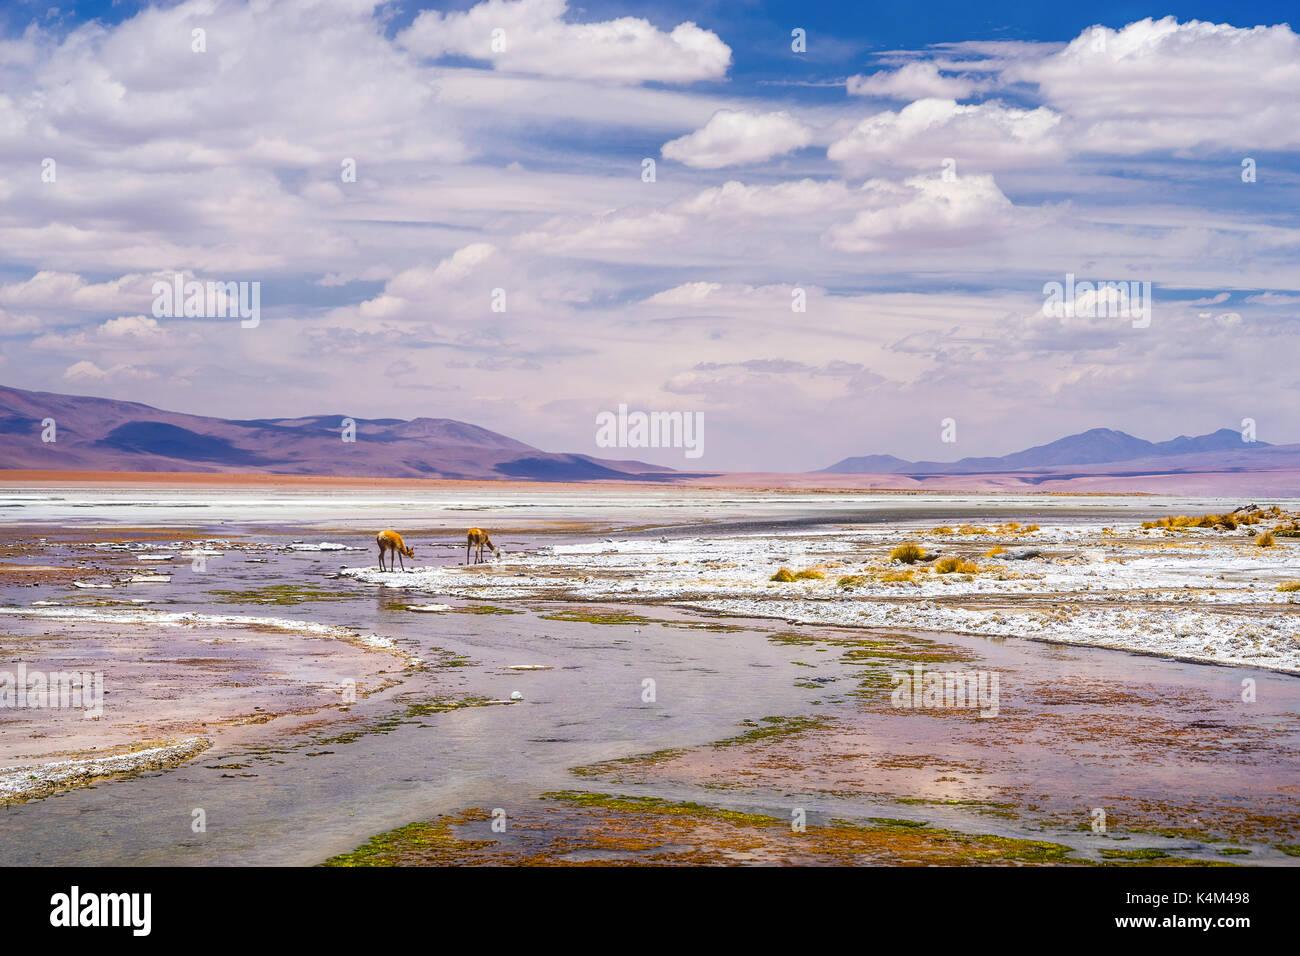 El salar de Uyuni es el salar más grande del mundo. Imagen De Stock